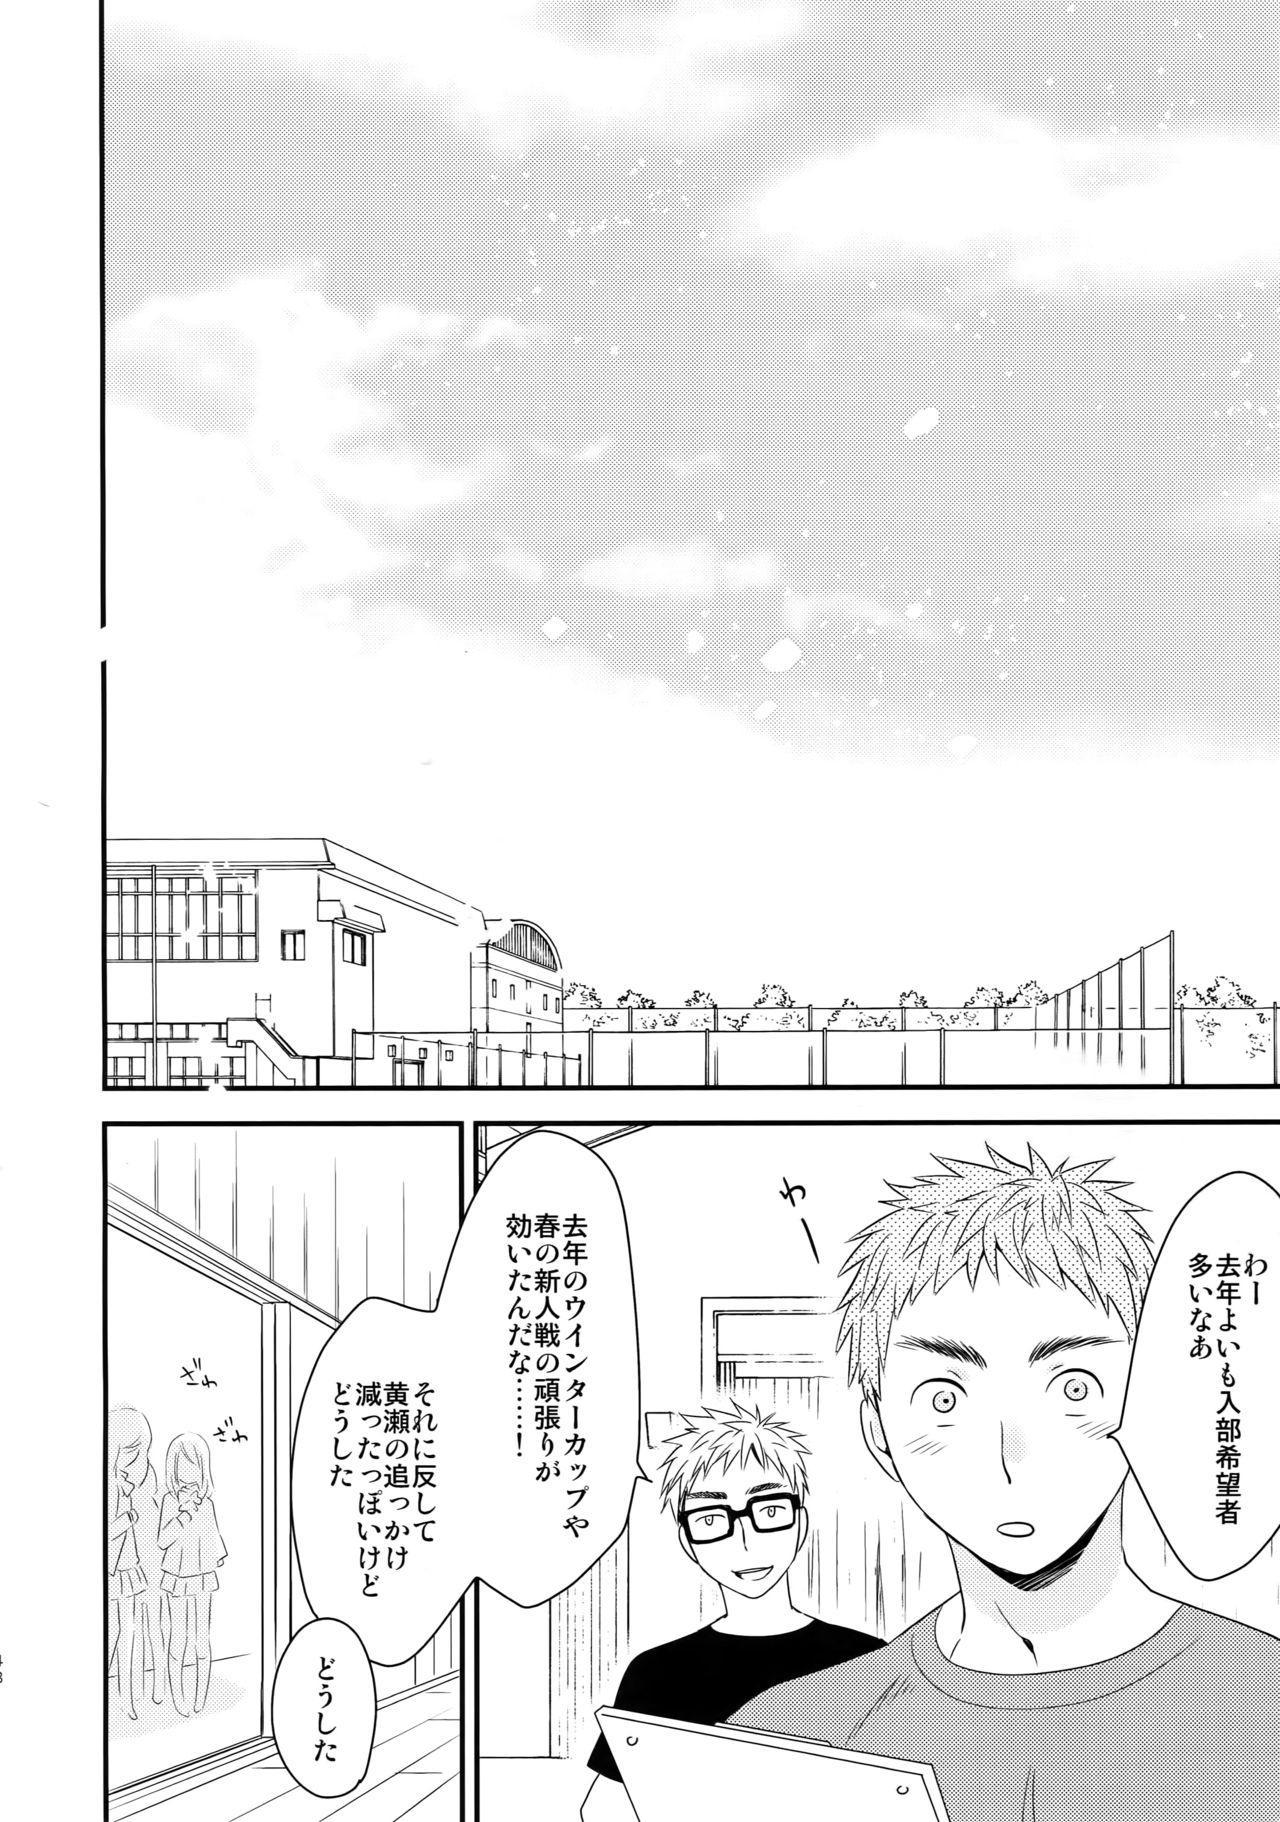 [Bakuchi Jinsei SP (Satsuki Fumi)] Kanpeki Kareshi to Zettai Ryouiki Ouji-sama - Another Version - (Kuroko no Basket) 146